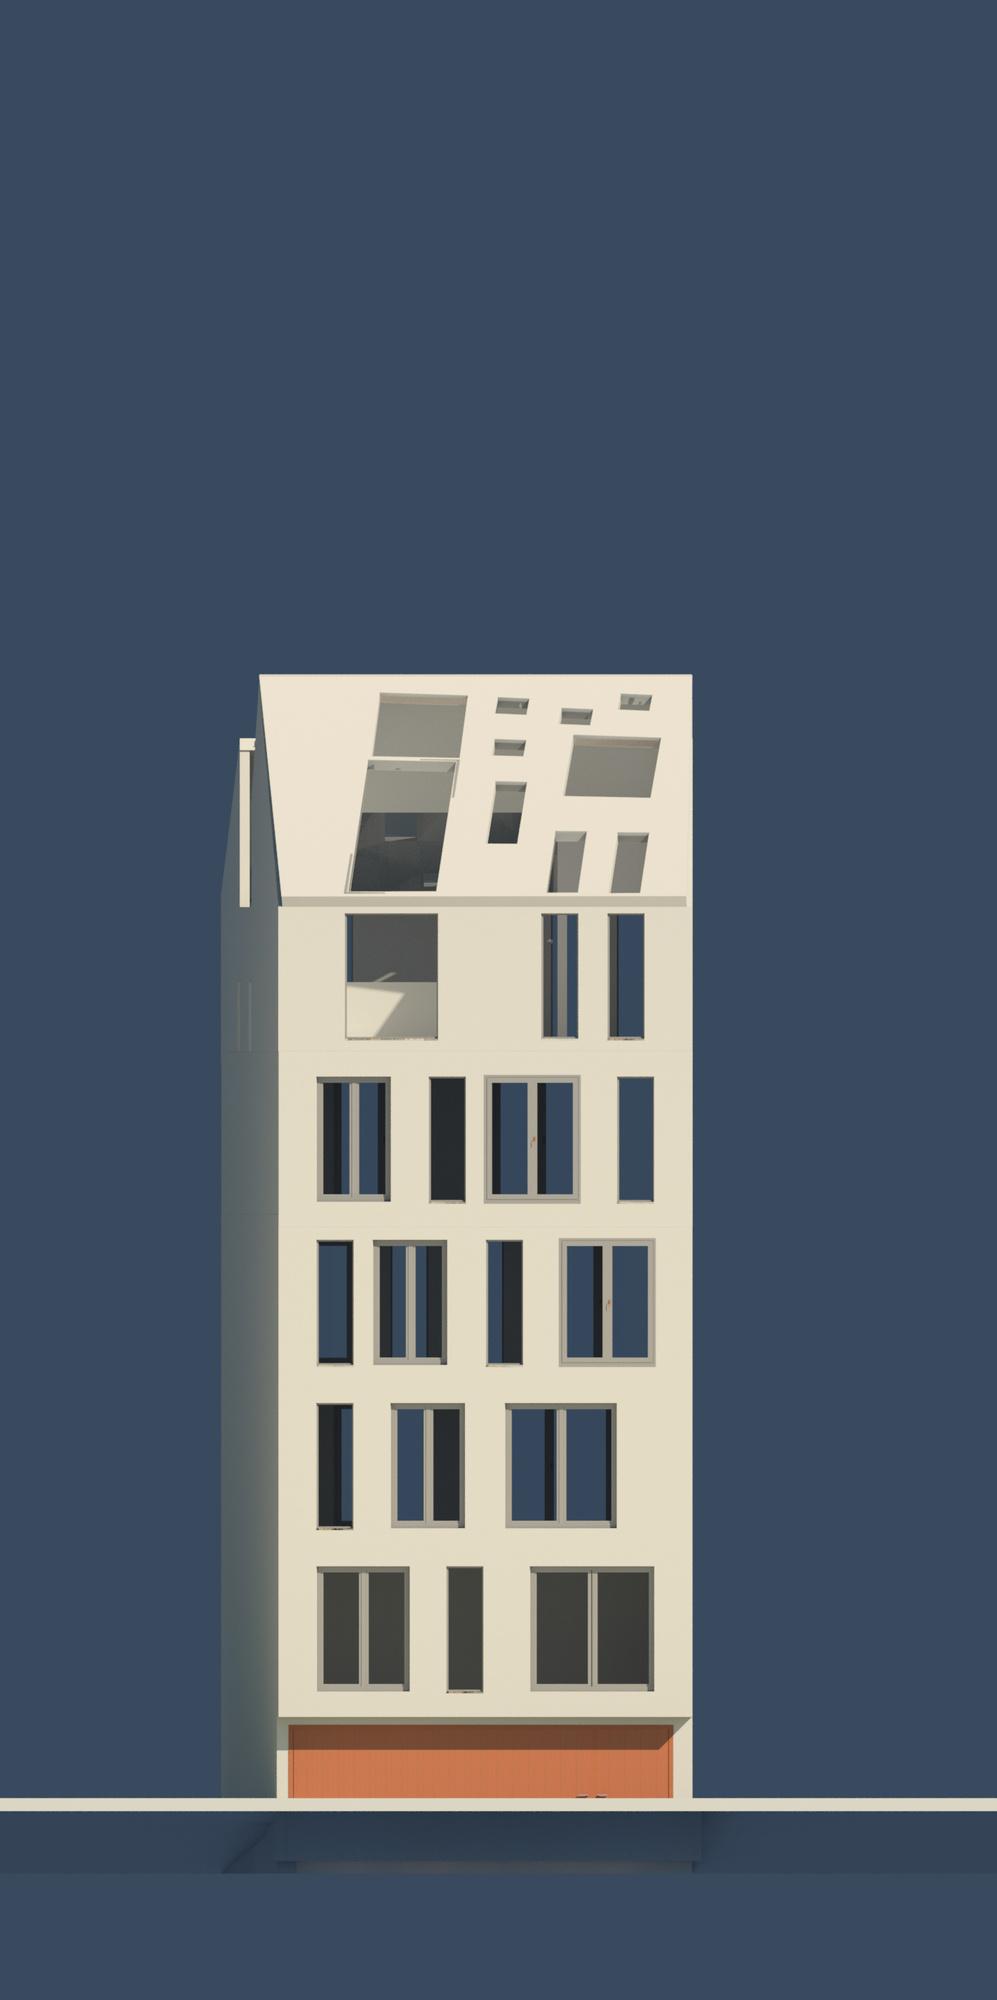 Raas-rendering20150315-2173-6ymmrm